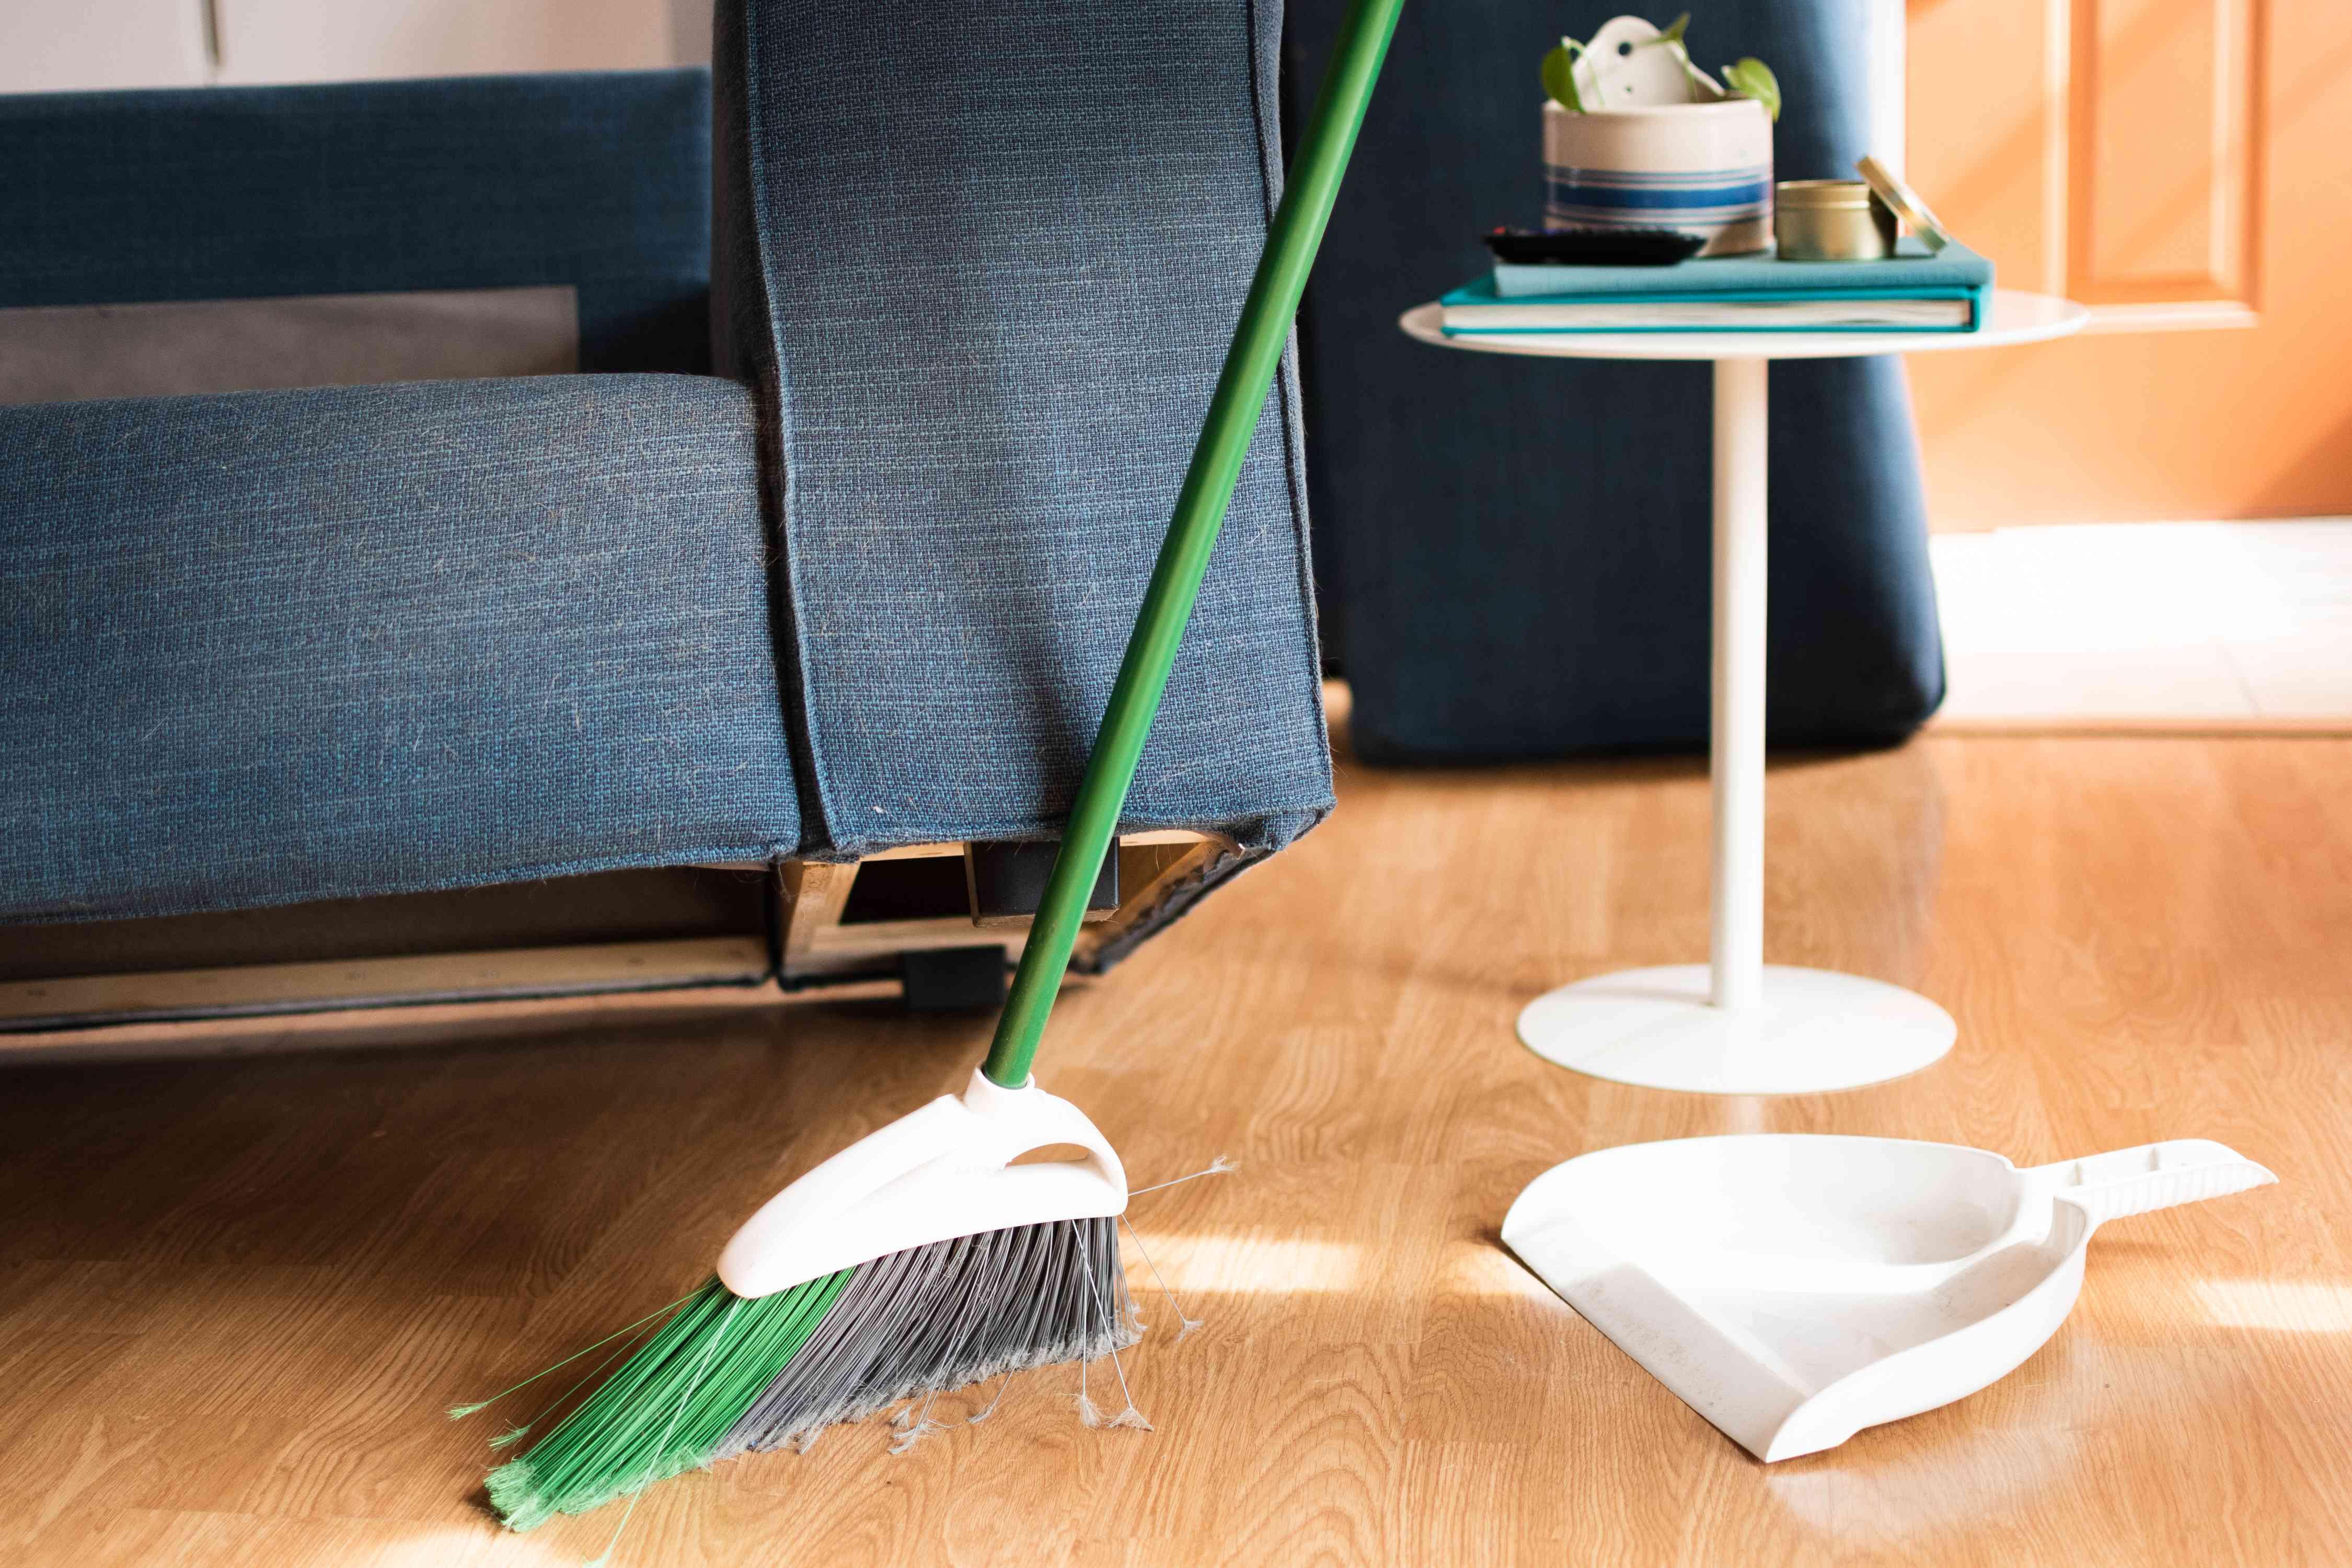 Đi văng bọc nệm màu xanh đậm được nâng lên để làm sạch sàn bằng chổi và chổi quét bụi